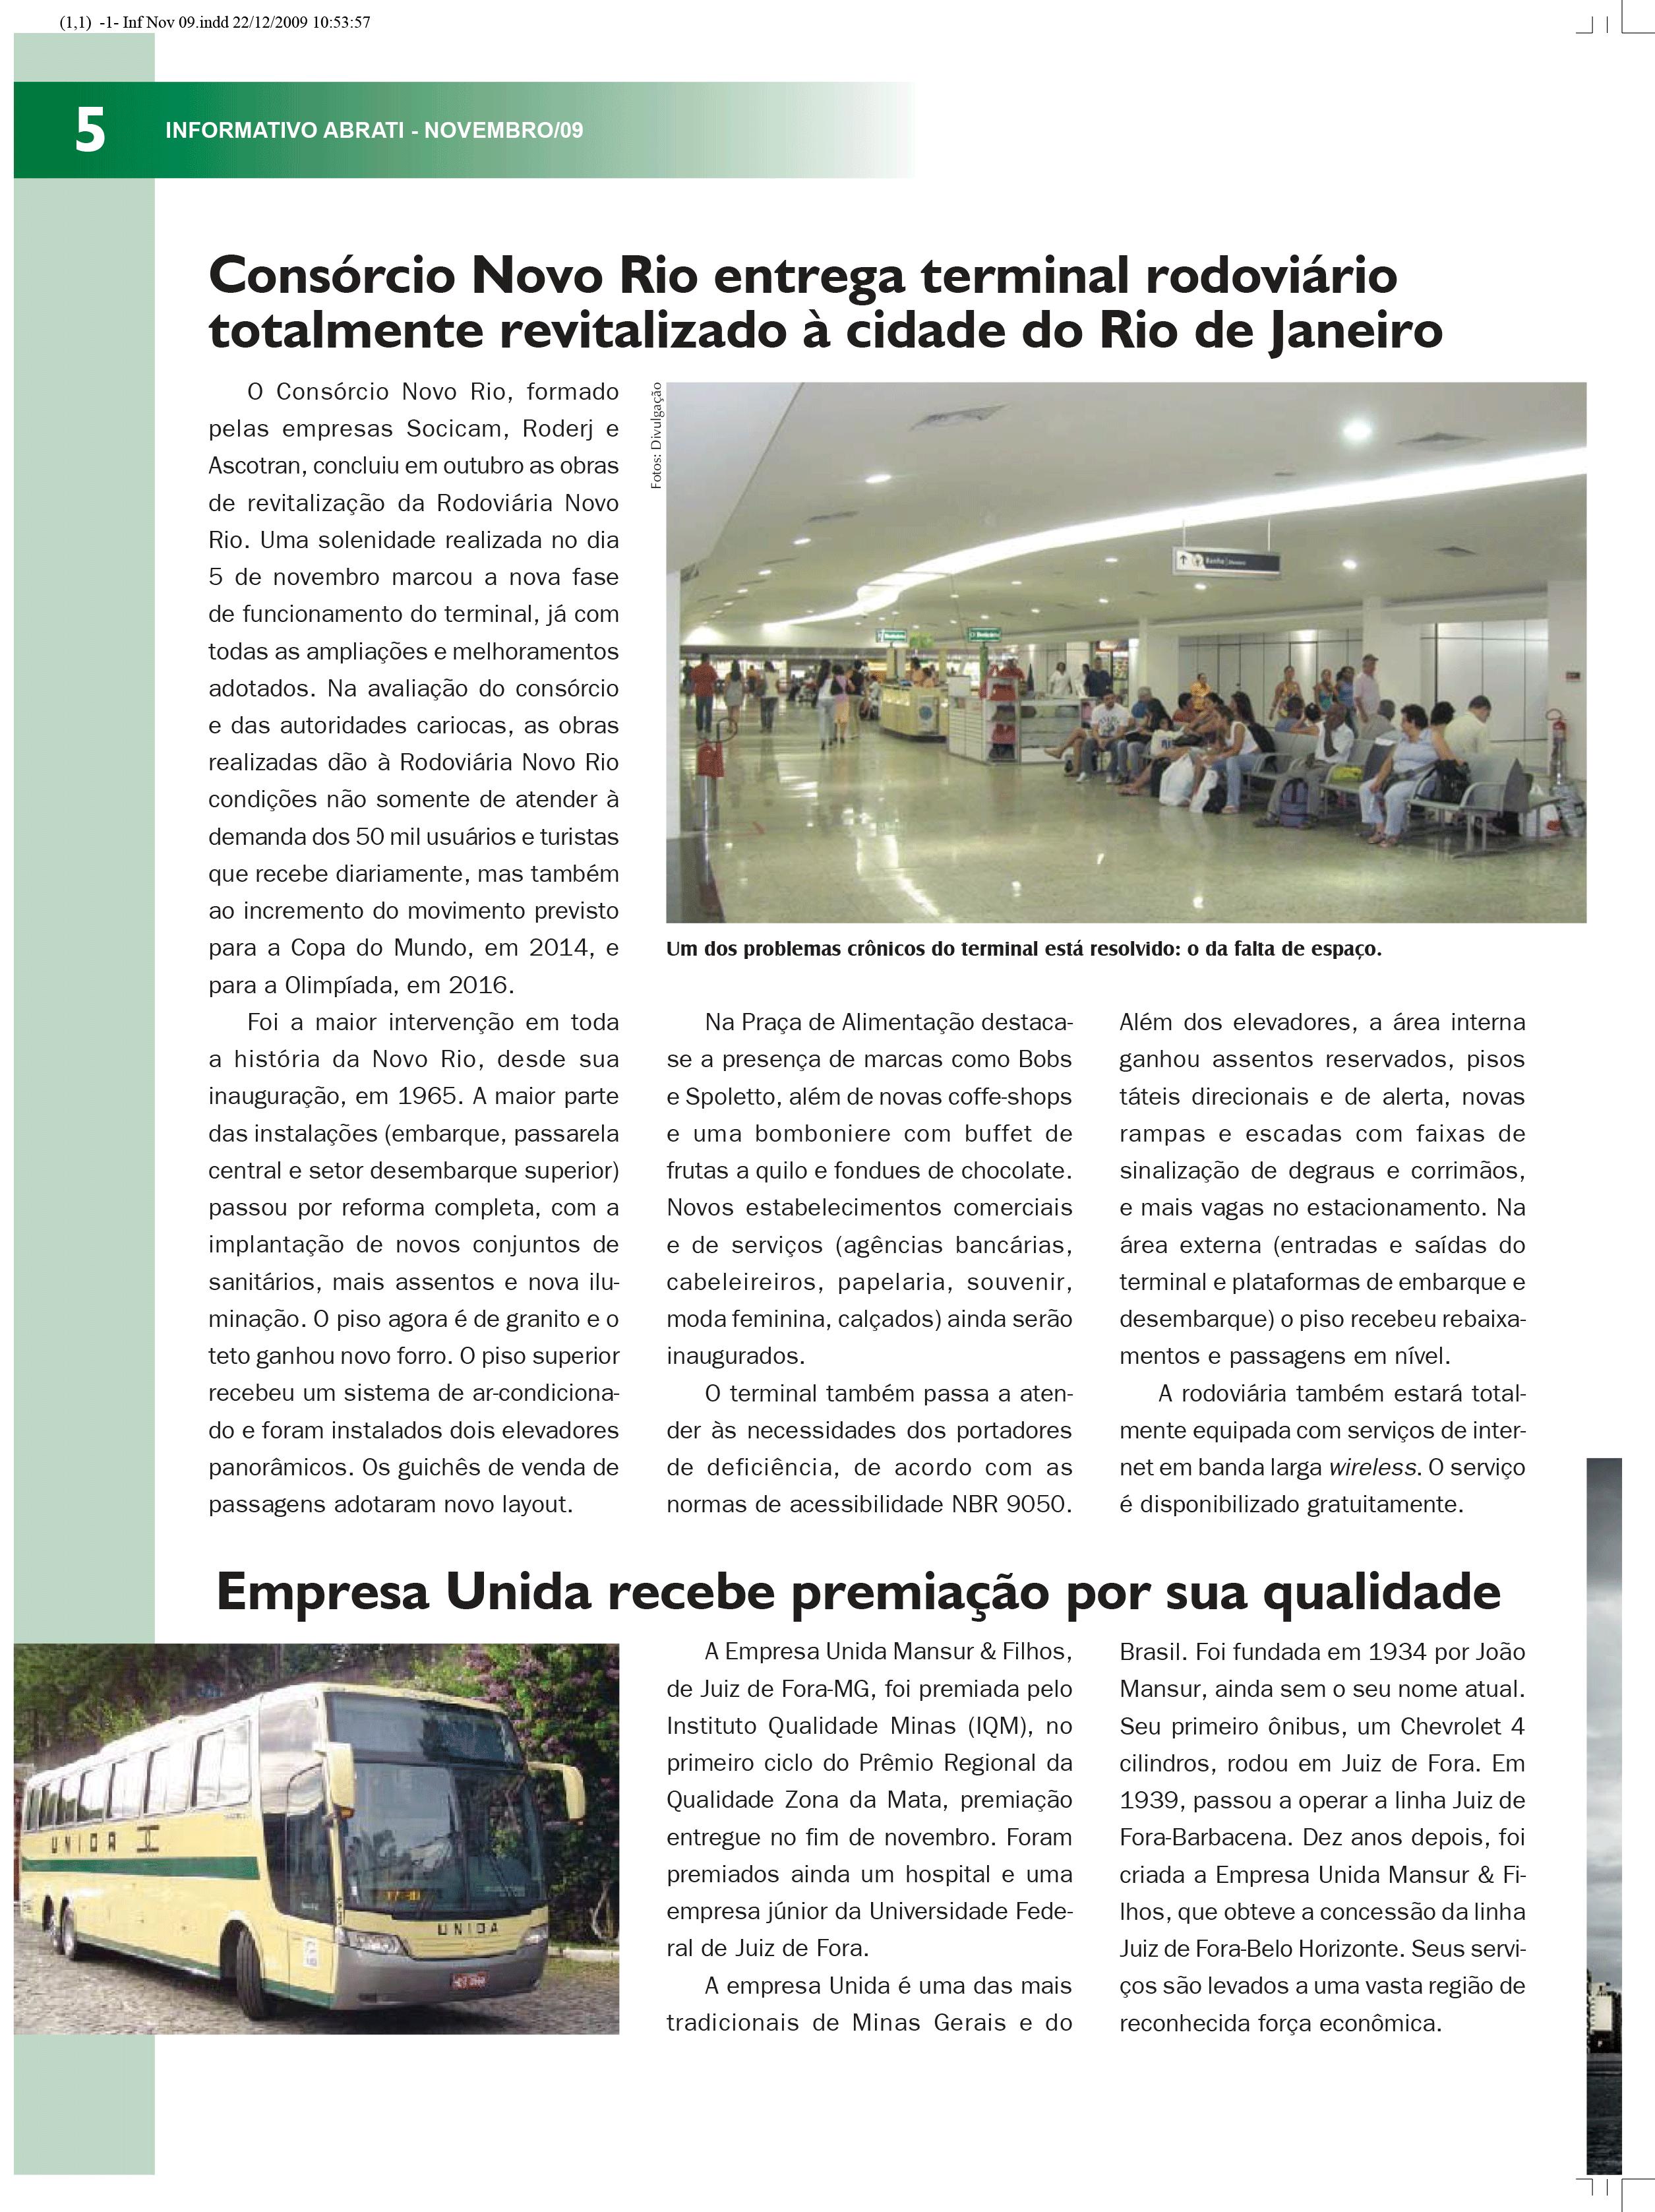 Informativo Novembro 2009